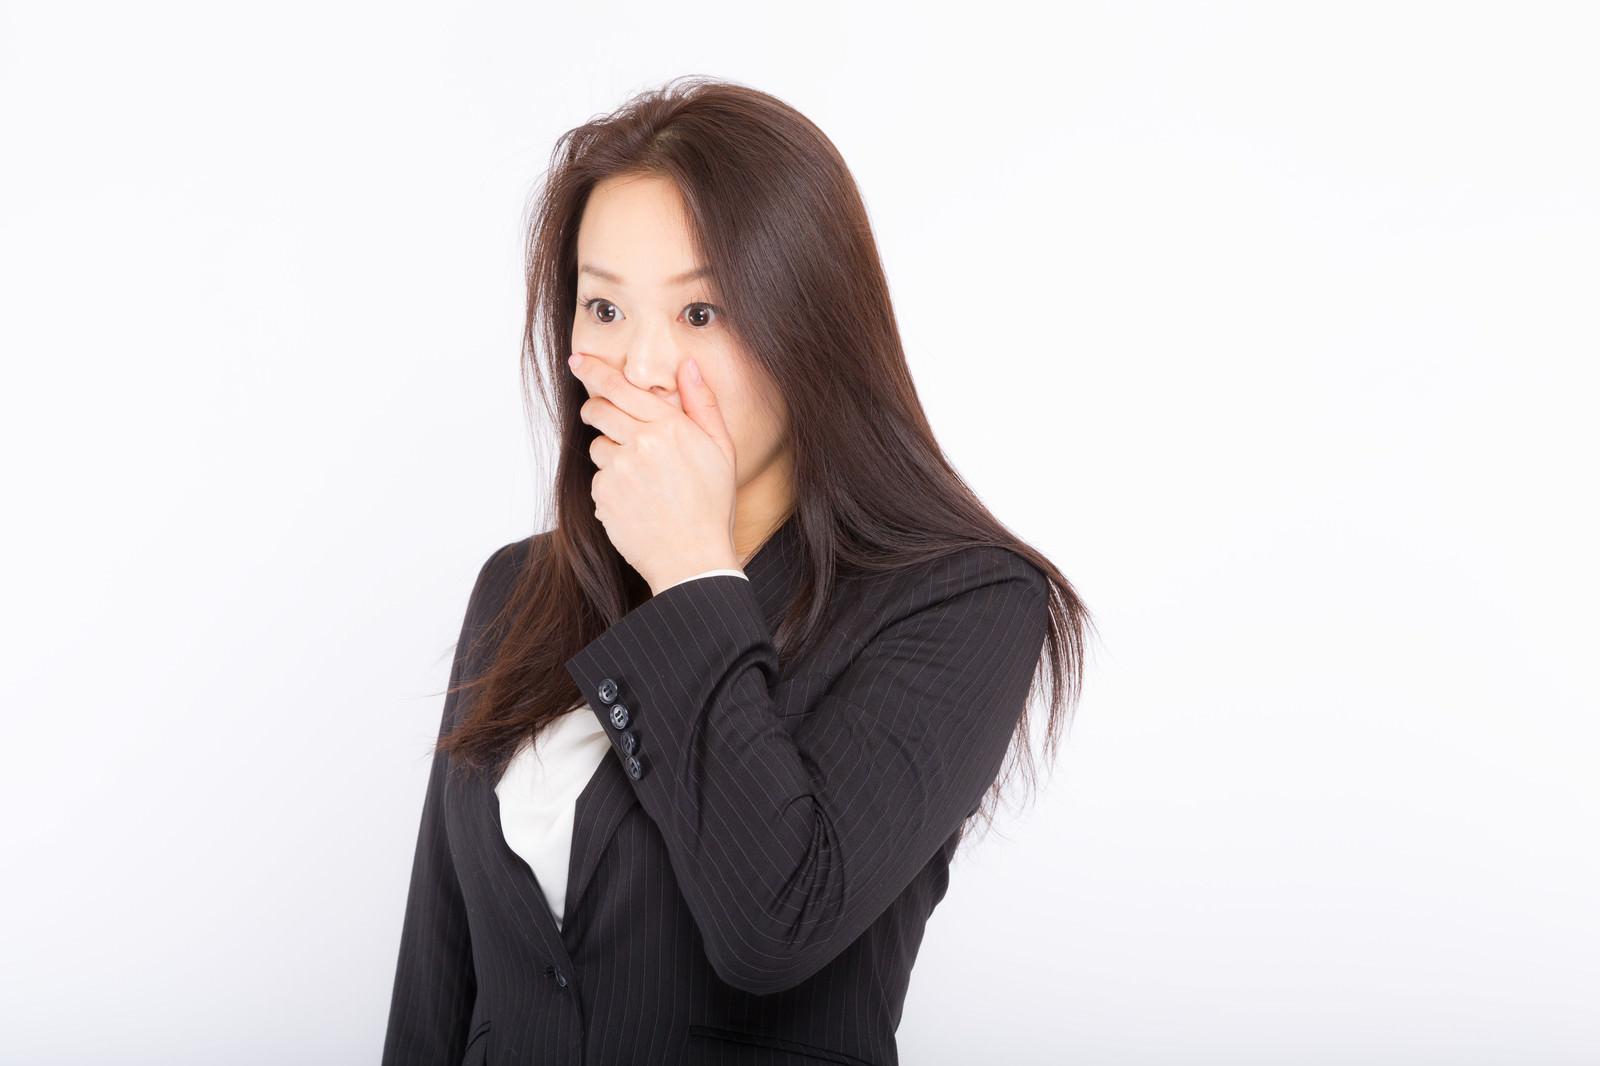 「社内の惨憺たる現状に口を覆うしかない女性社員社内の惨憺たる現状に口を覆うしかない女性社員」[モデル:土本寛子]のフリー写真素材を拡大